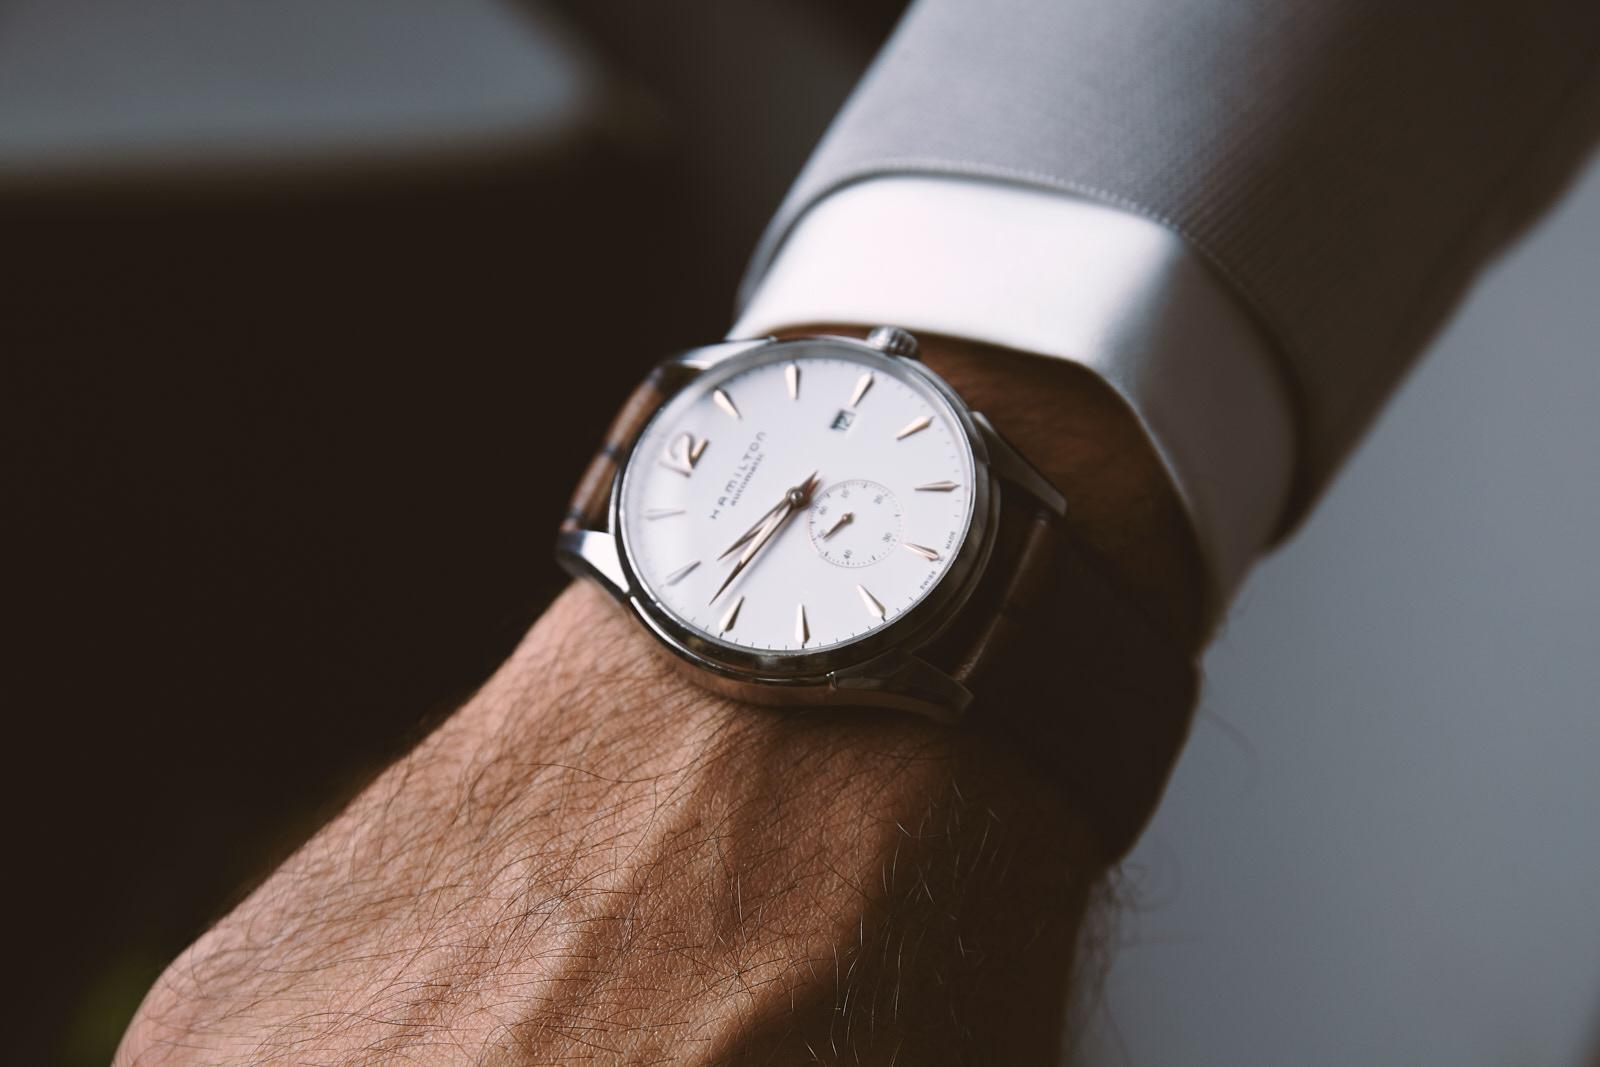 sposo orologio vestito accessori matrimonio stile